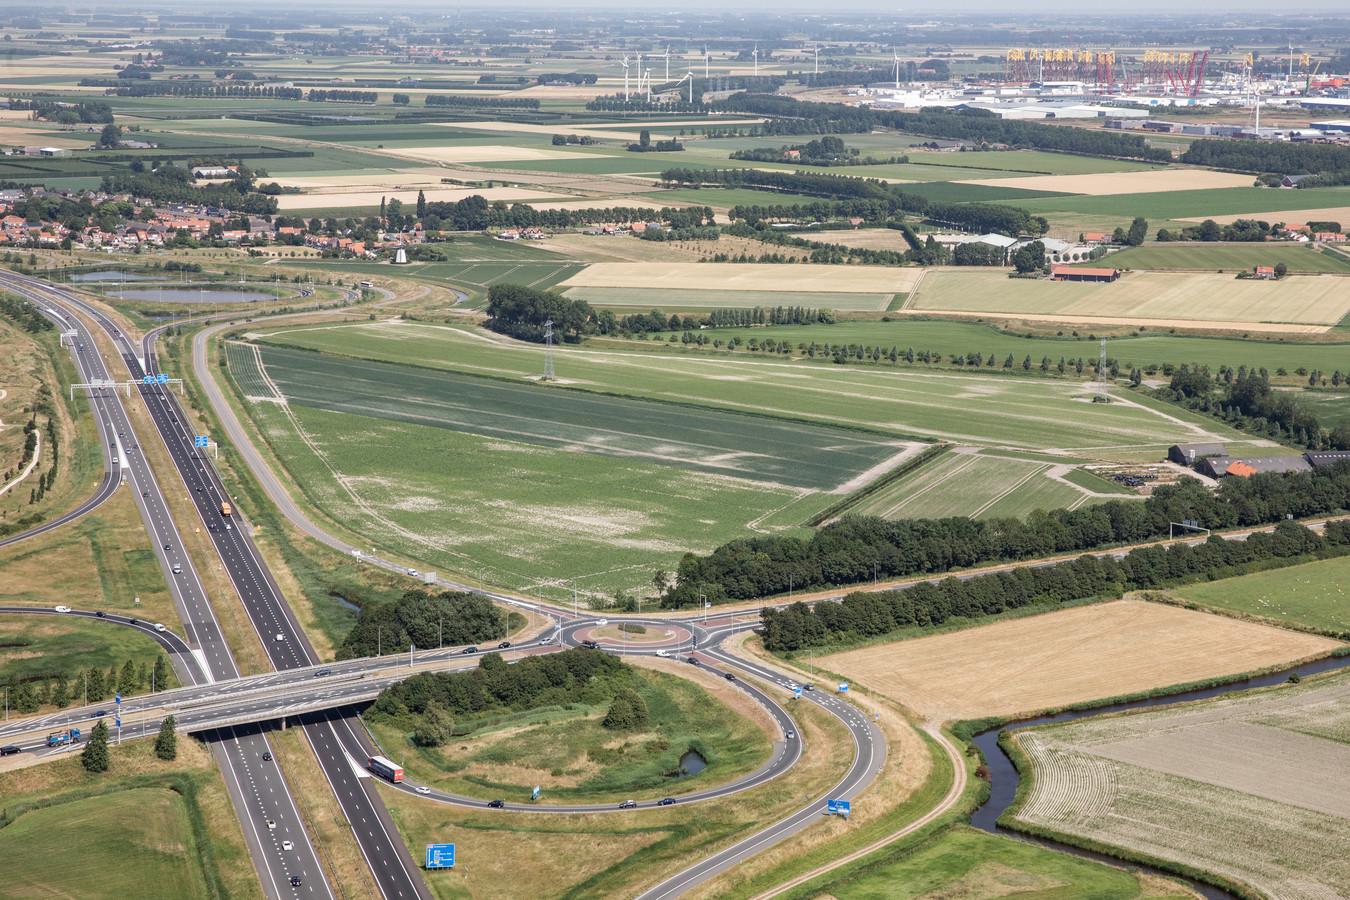 Het gebied aan de Trekdijk bij Nieuw- en Sint Joosland, ligt tussen de A58 (links), het dorp (boven) en de Schroeweg (onder). De Trekdijk is herkenbaar aan de rij bomen midden op de foto, vanaf het dorp richting de Schroeweg.